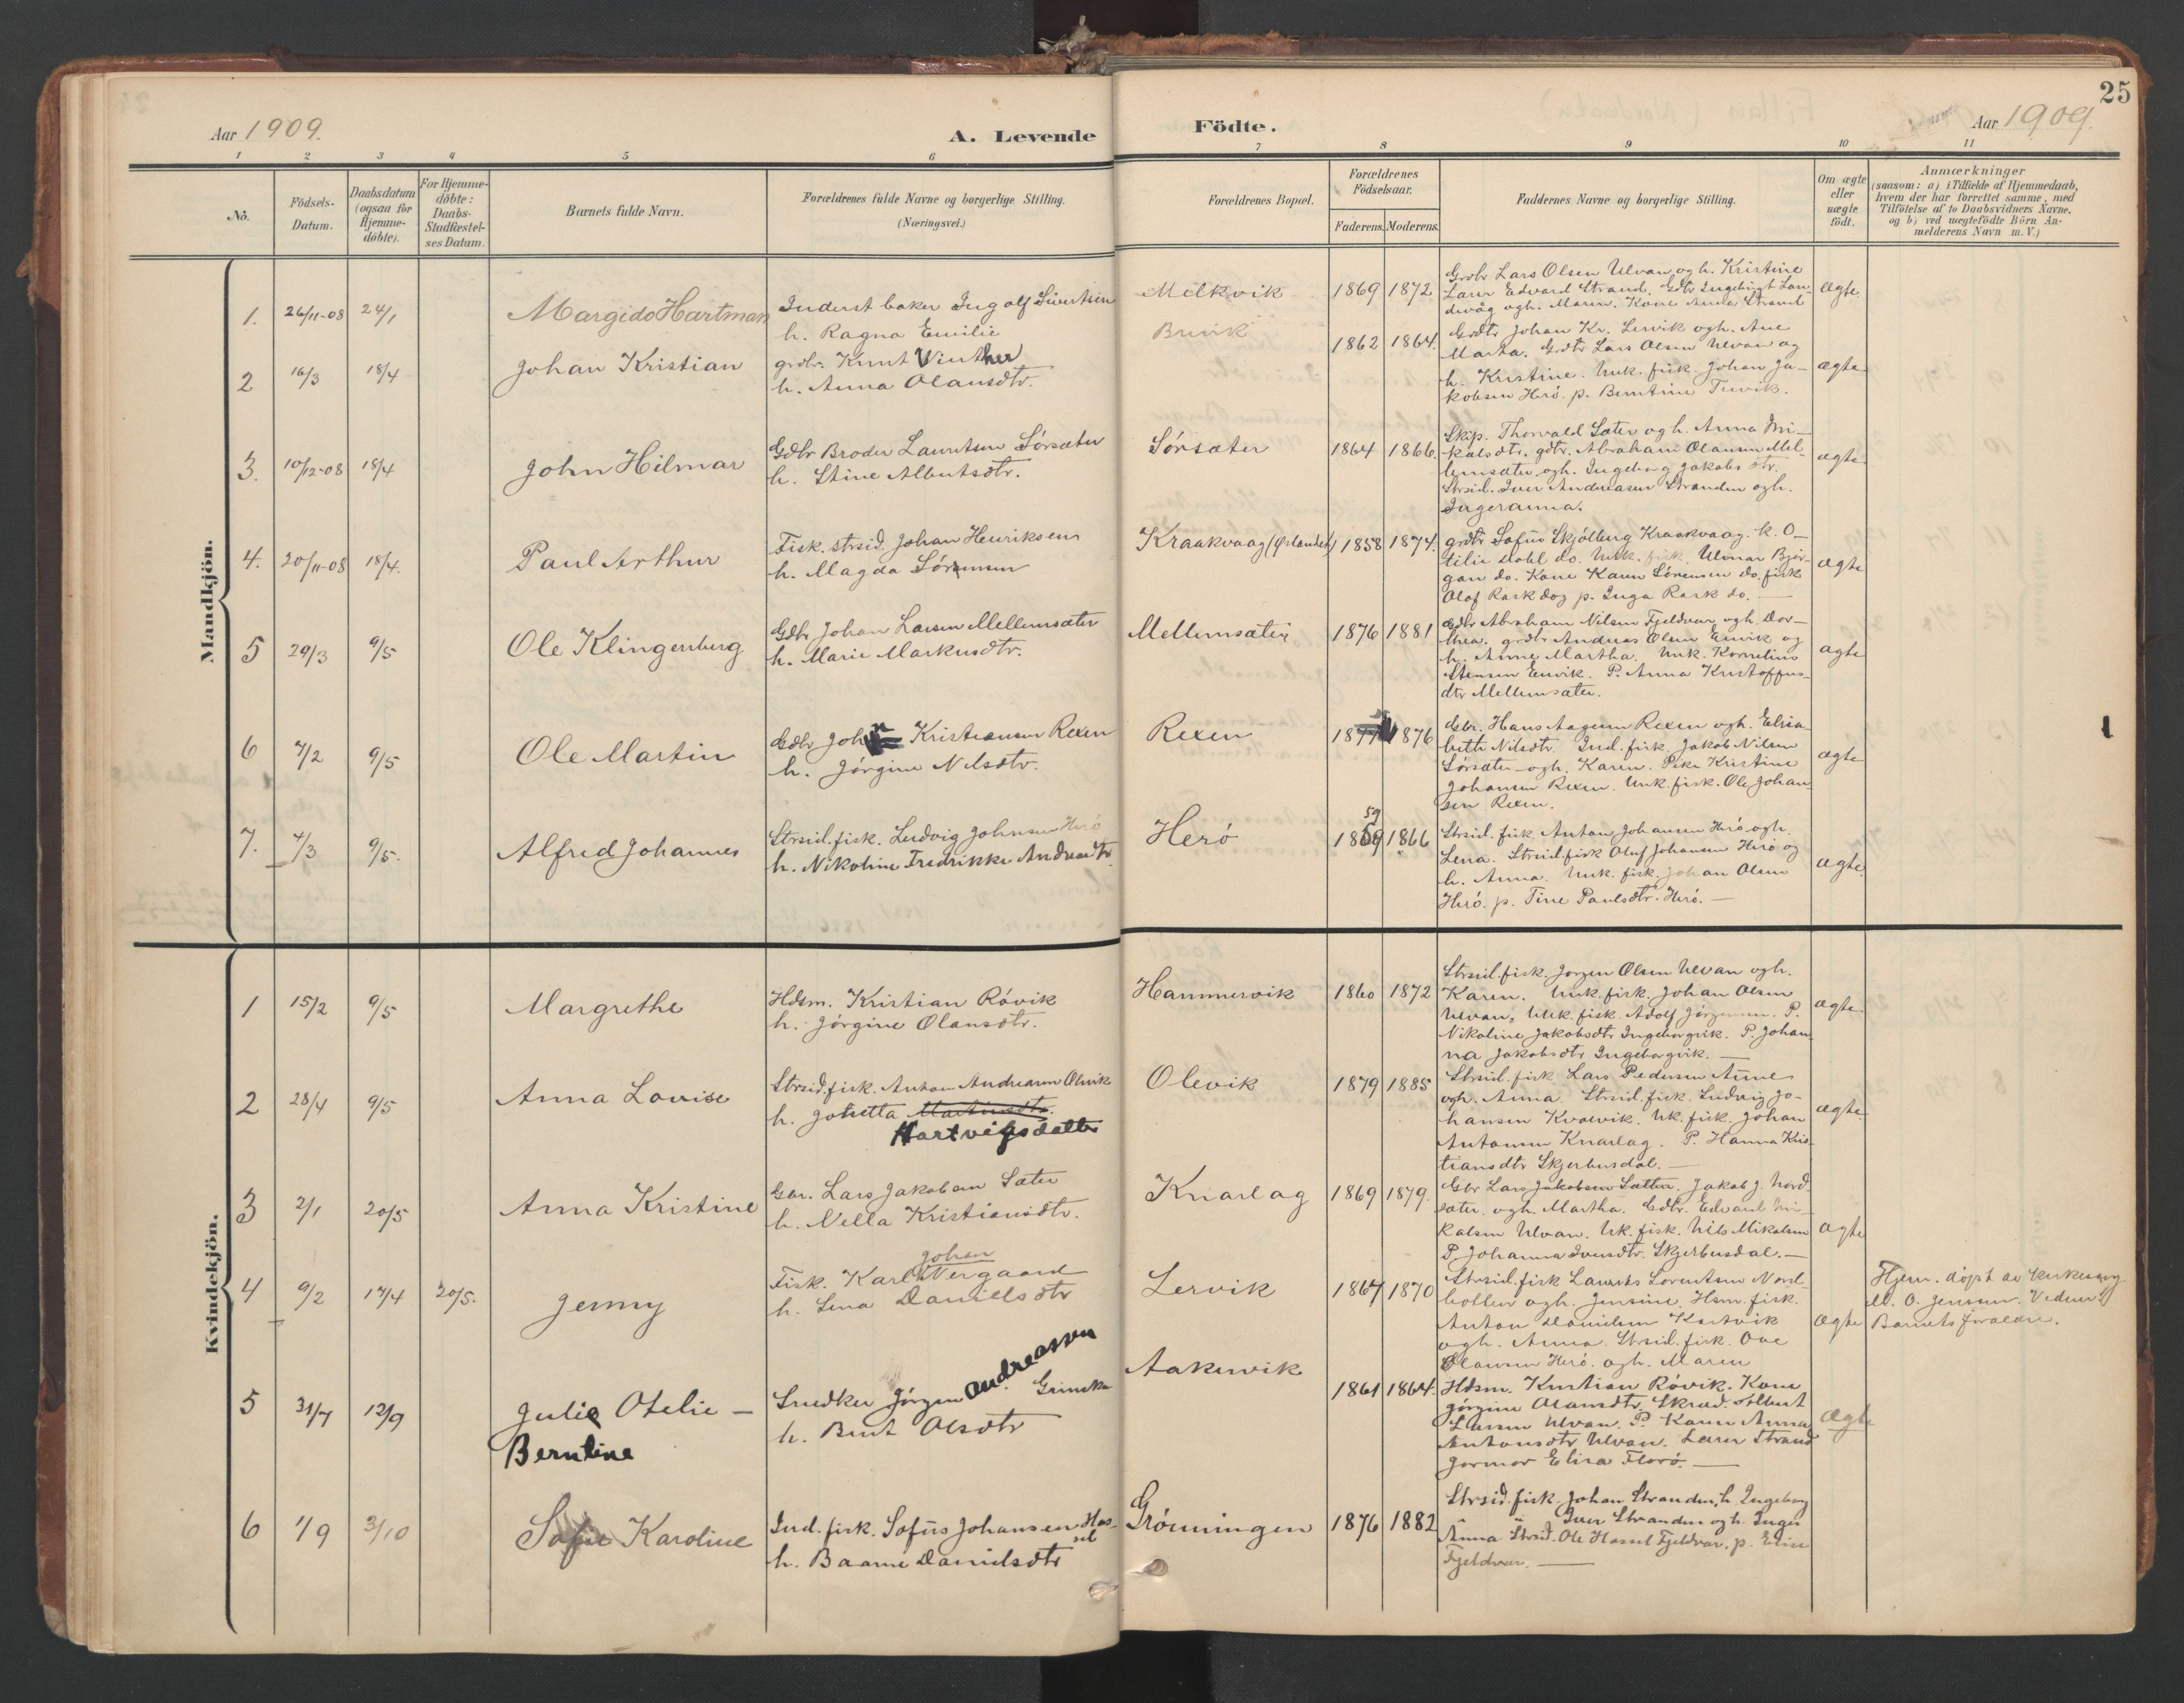 SAT, Ministerialprotokoller, klokkerbøker og fødselsregistre - Sør-Trøndelag, 638/L0568: Ministerialbok nr. 638A01, 1901-1916, s. 25